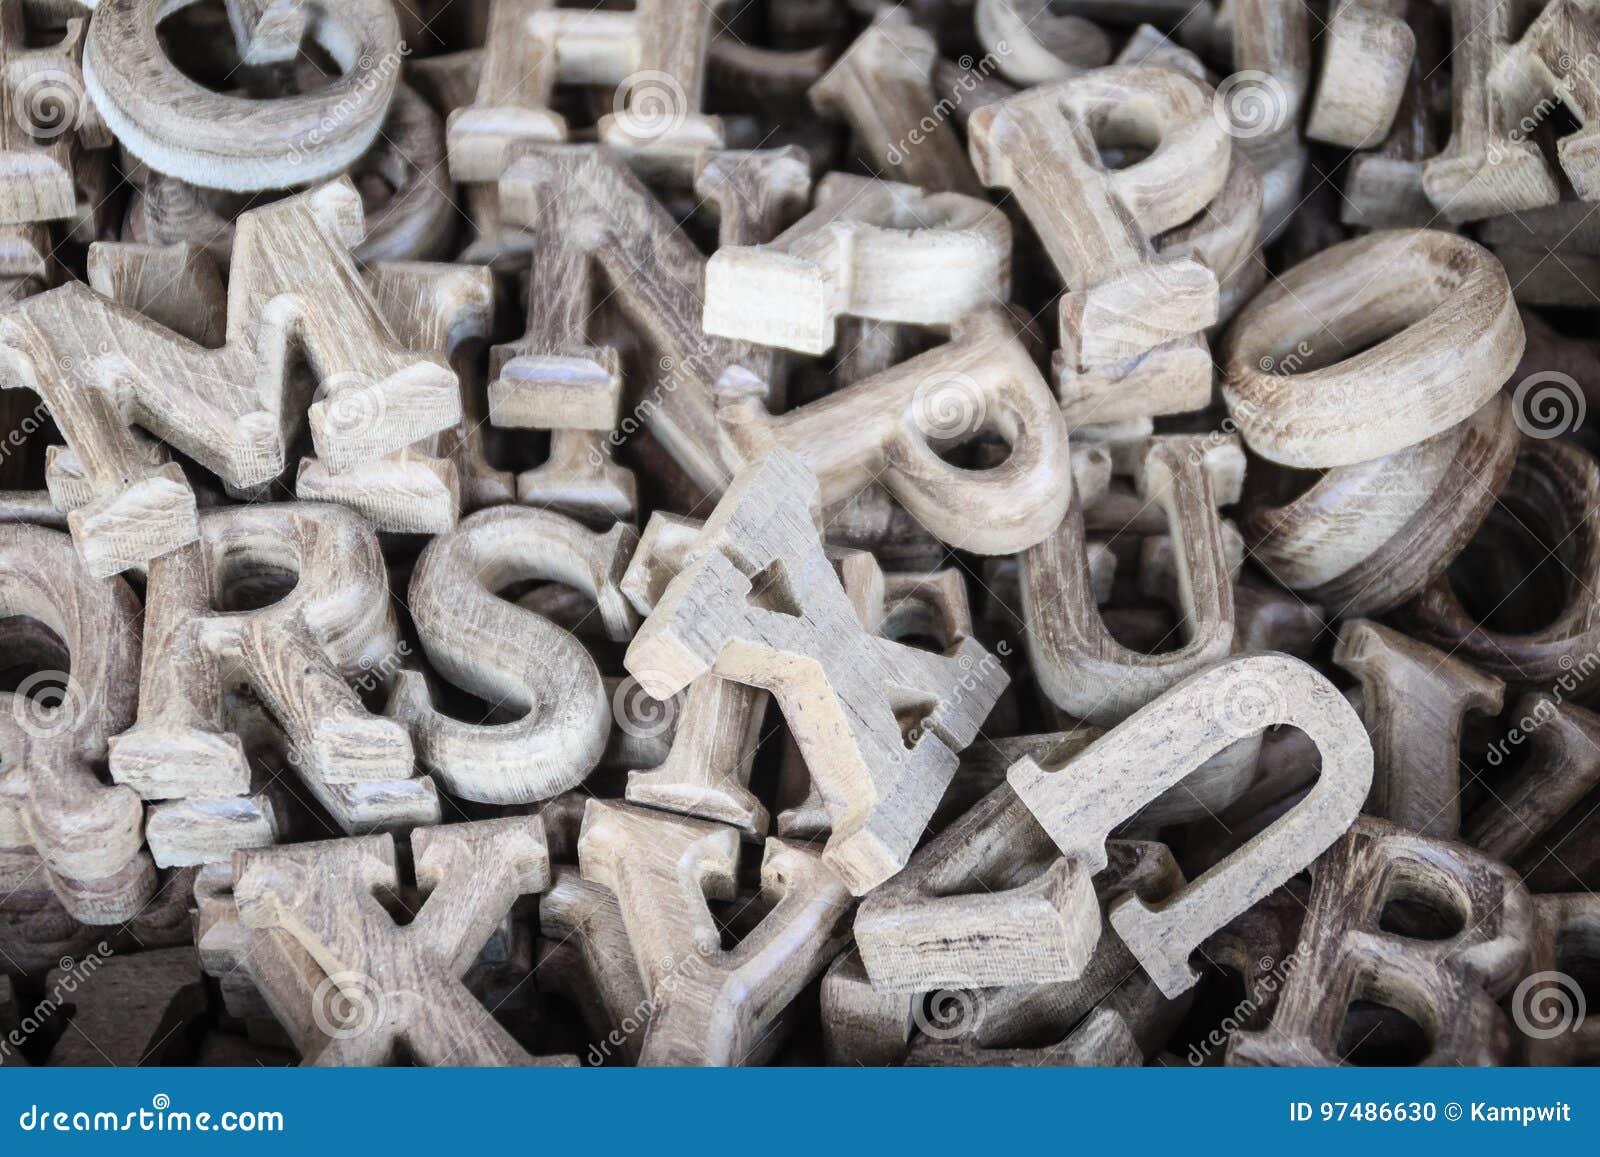 Lettere di legno dell alfabeto inglese da vendere nel negozio di legno